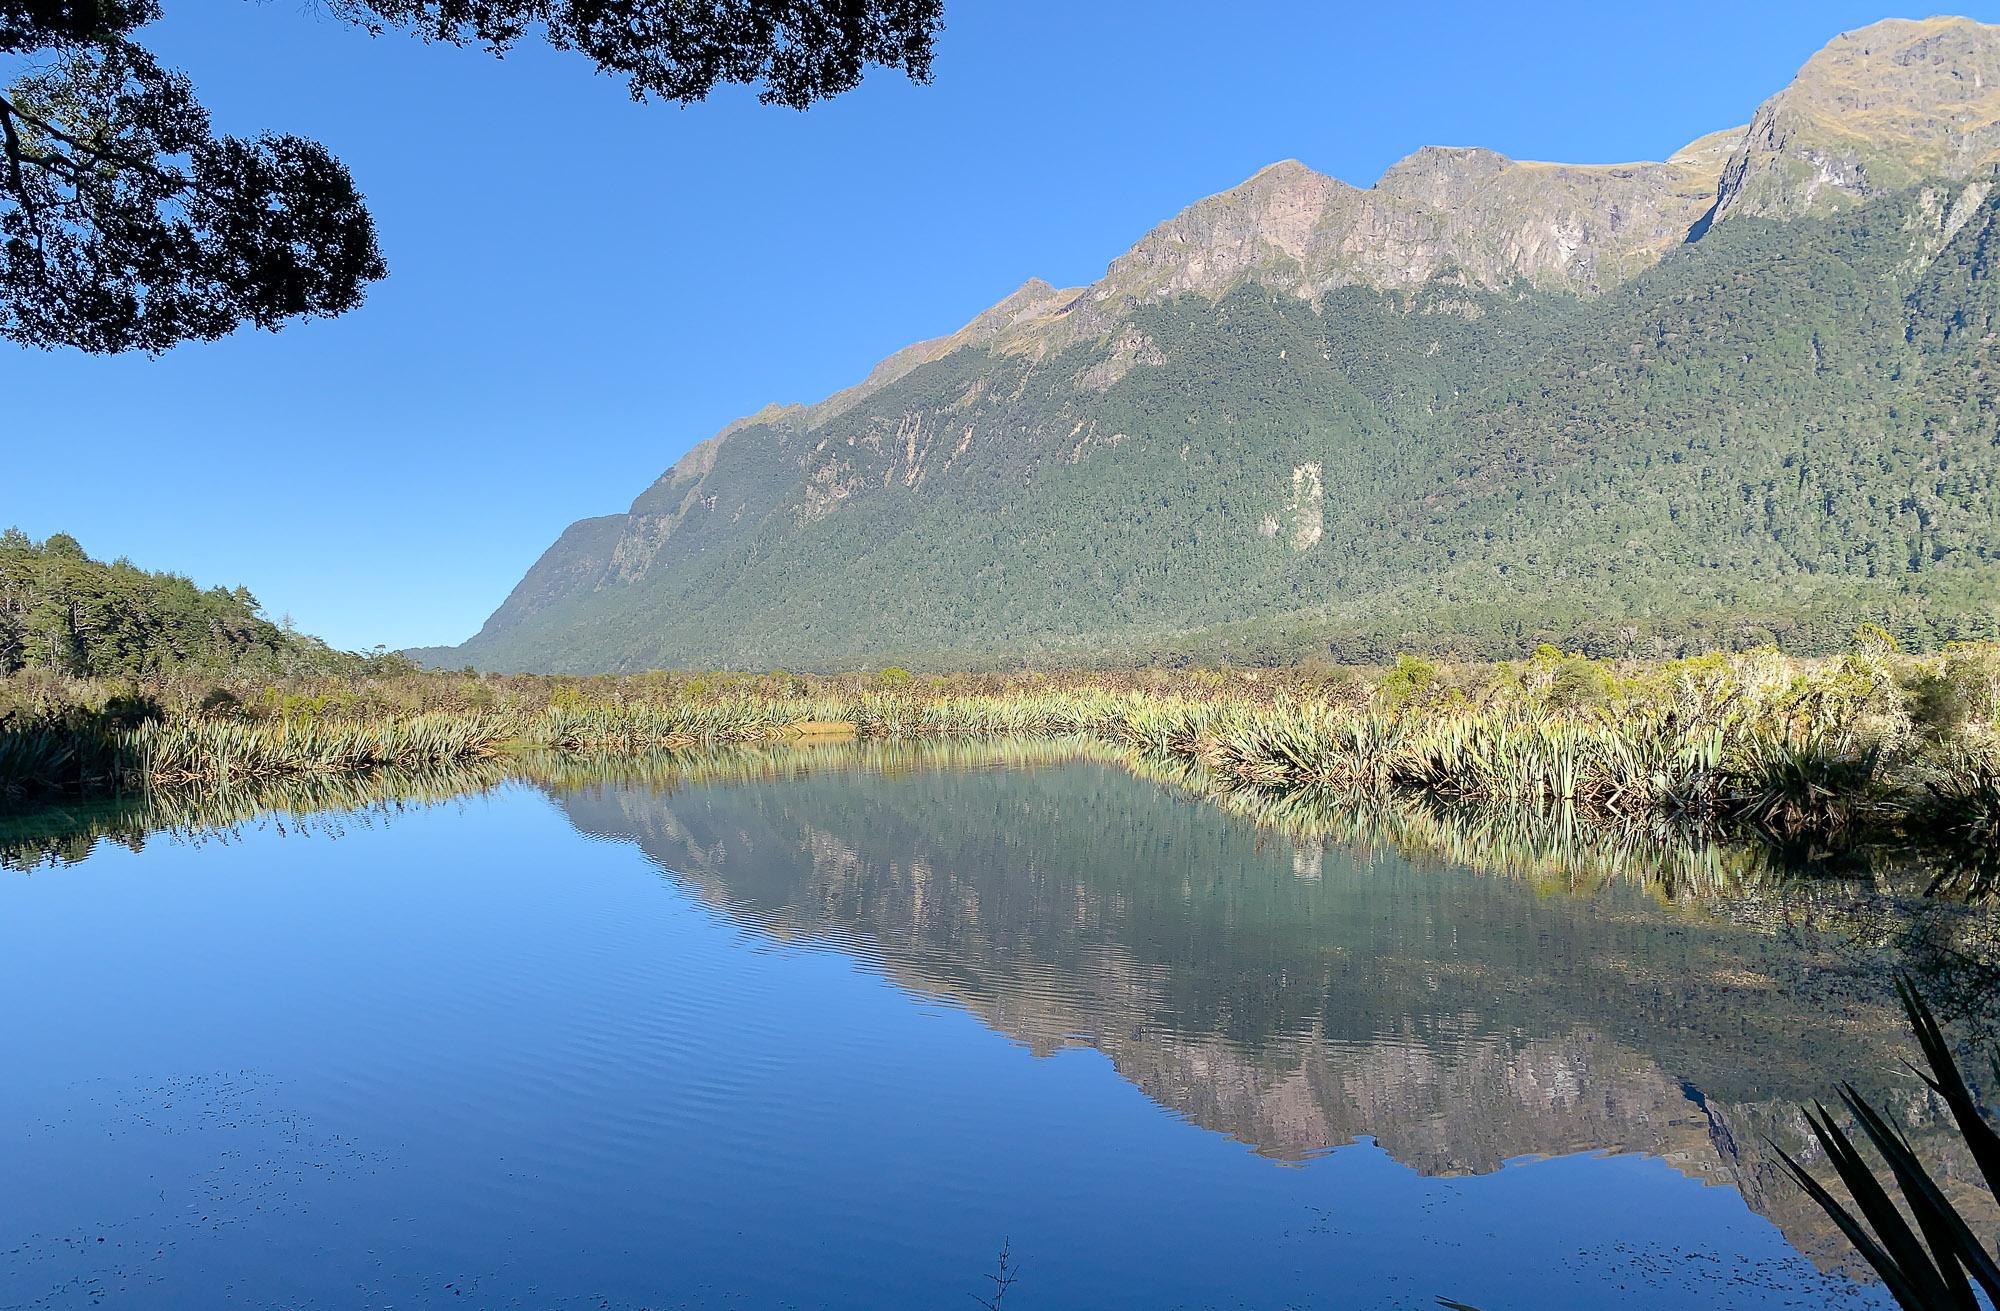 Beauty of New Zealand's Mirror Lakes